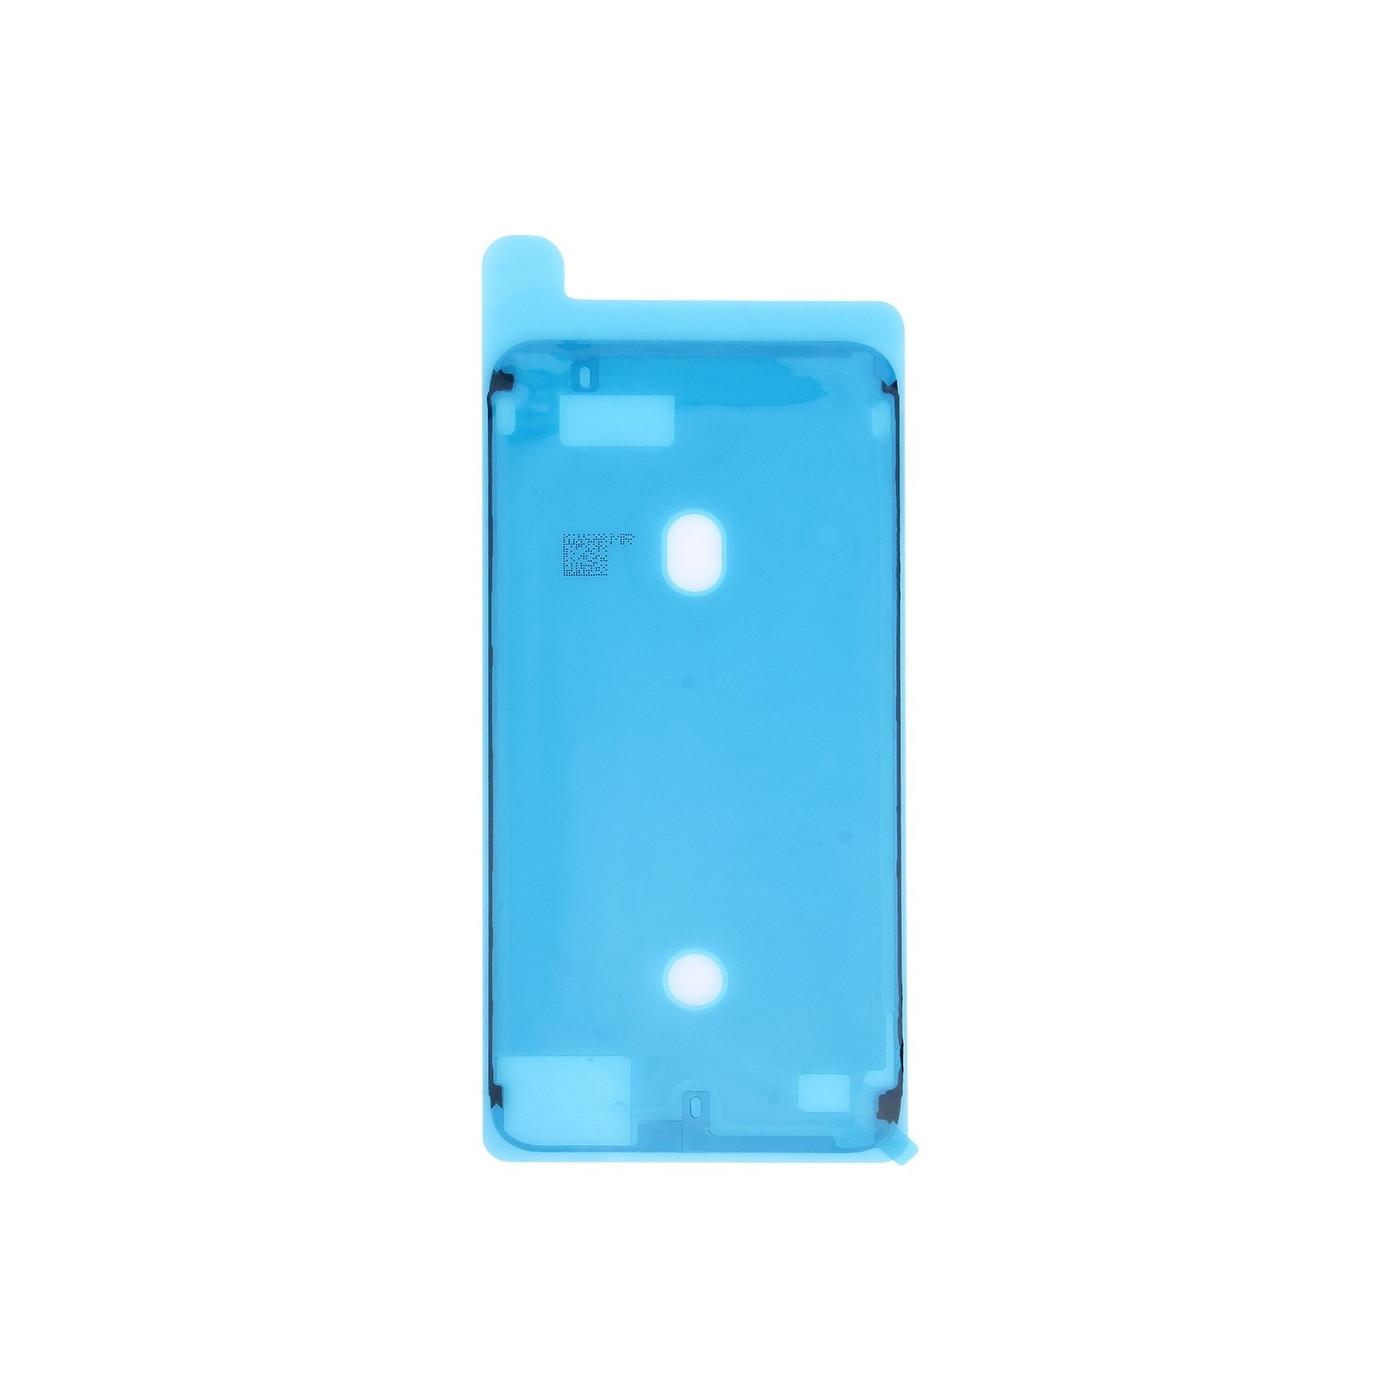 Pantalla adhesiva de doble cara lcd para iphone 7 a prueba de agua